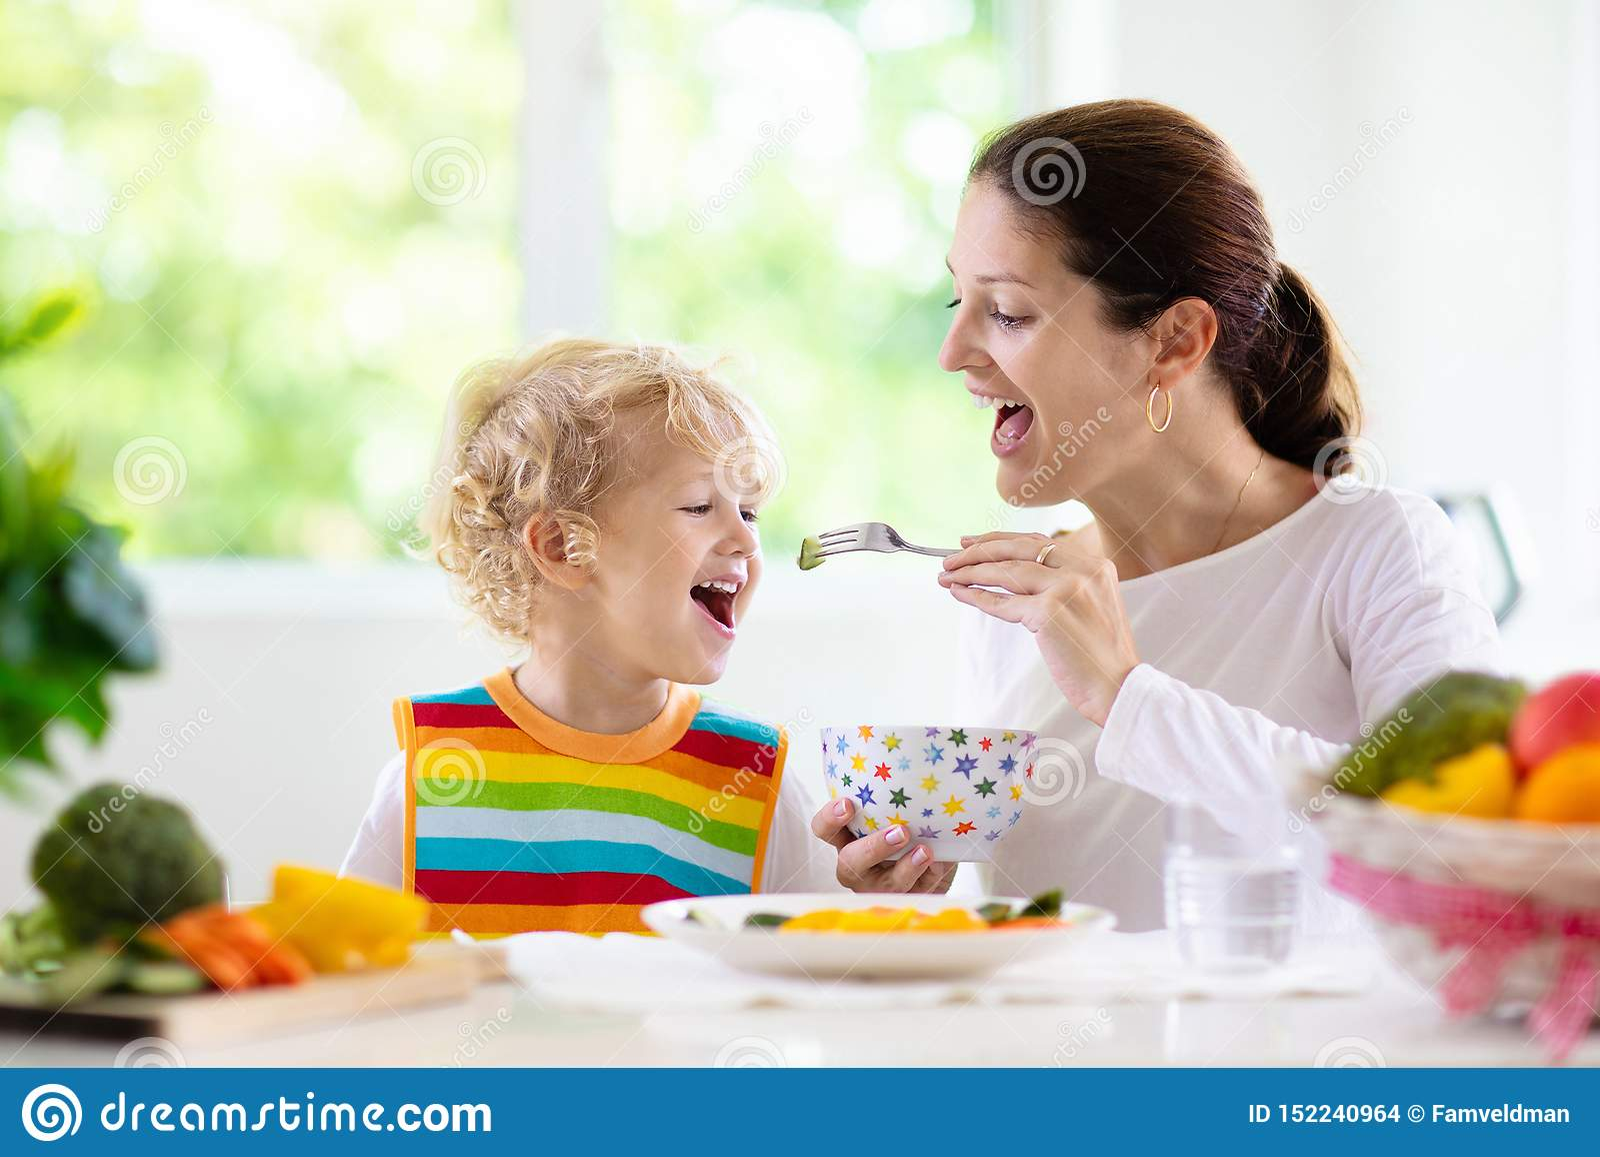 Crian?a de alimenta??o da matriz A mam? alimenta vegetais da crian?a